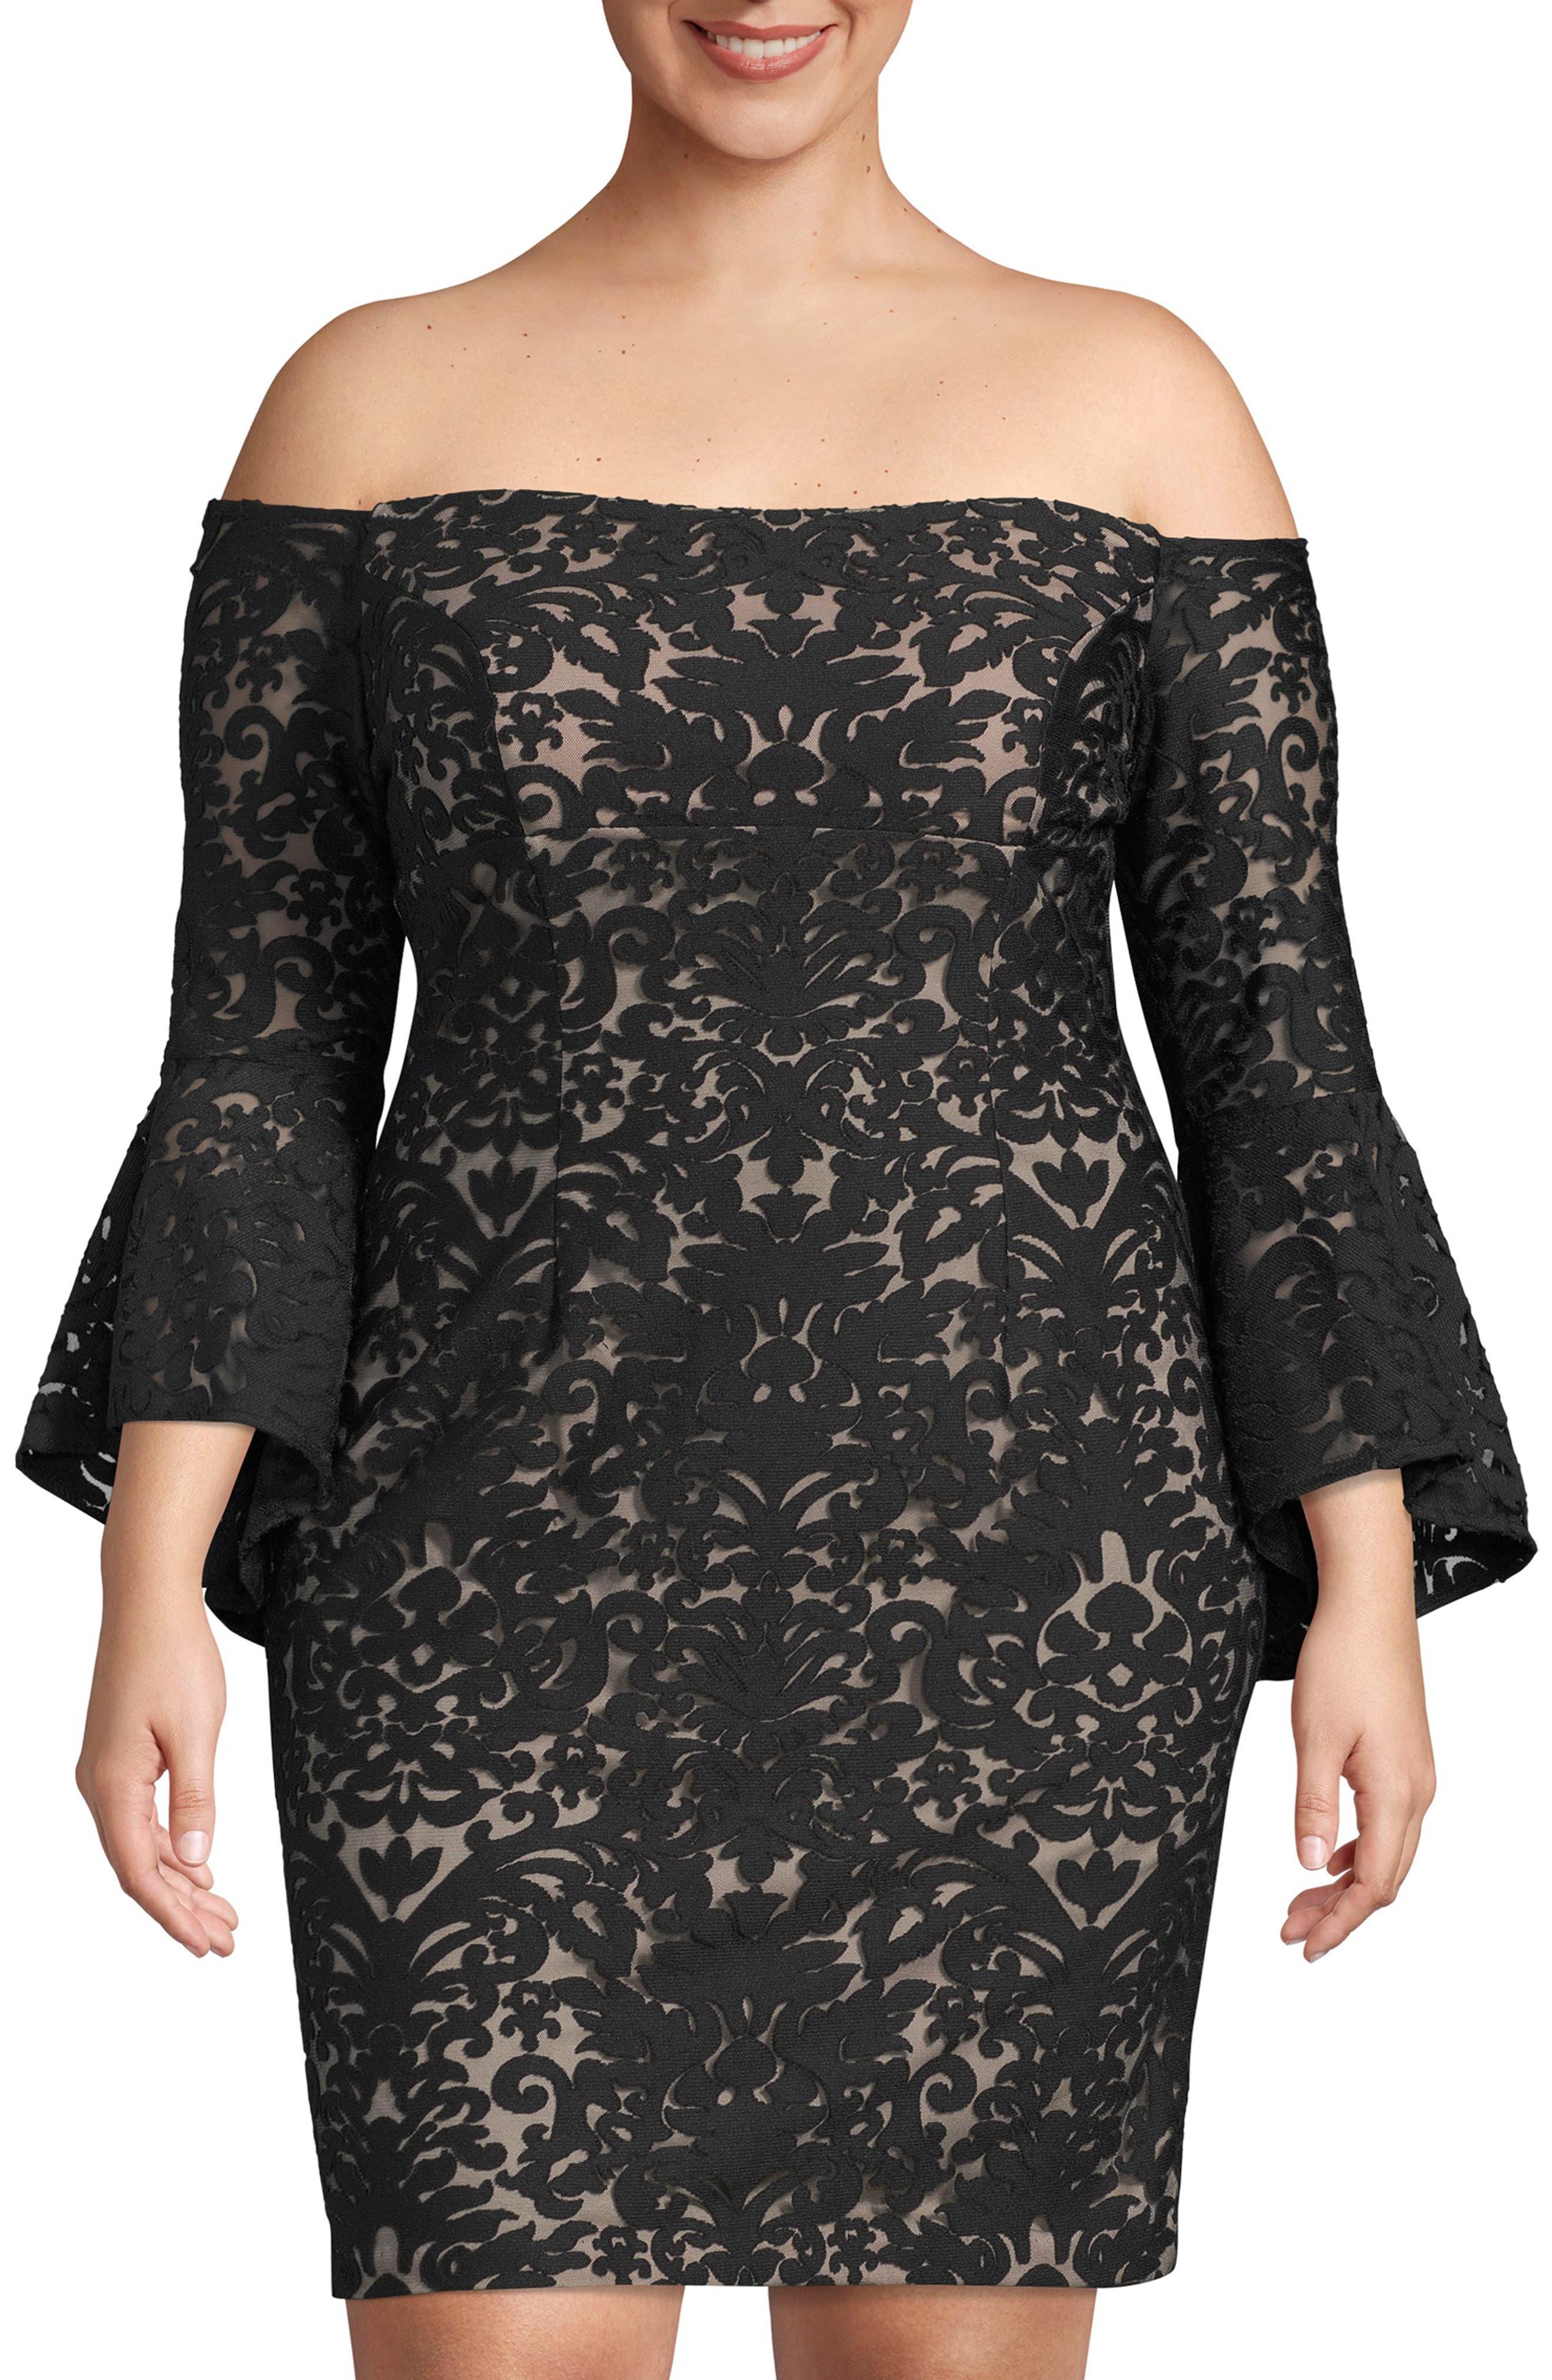 Plus Size Xscape Bell Sleeve Off The Shoulder Burnout Lace Dress, Black